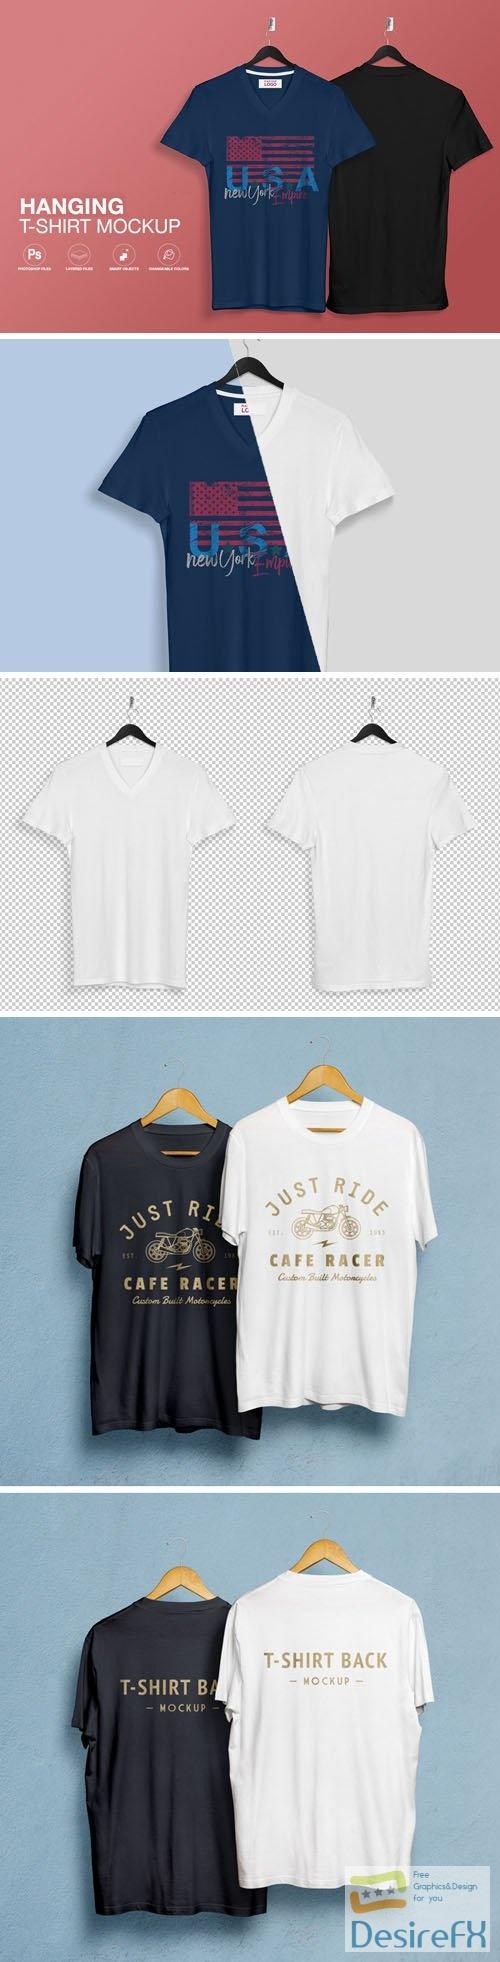 Hanging T-Shirt PSD Mockups Templates